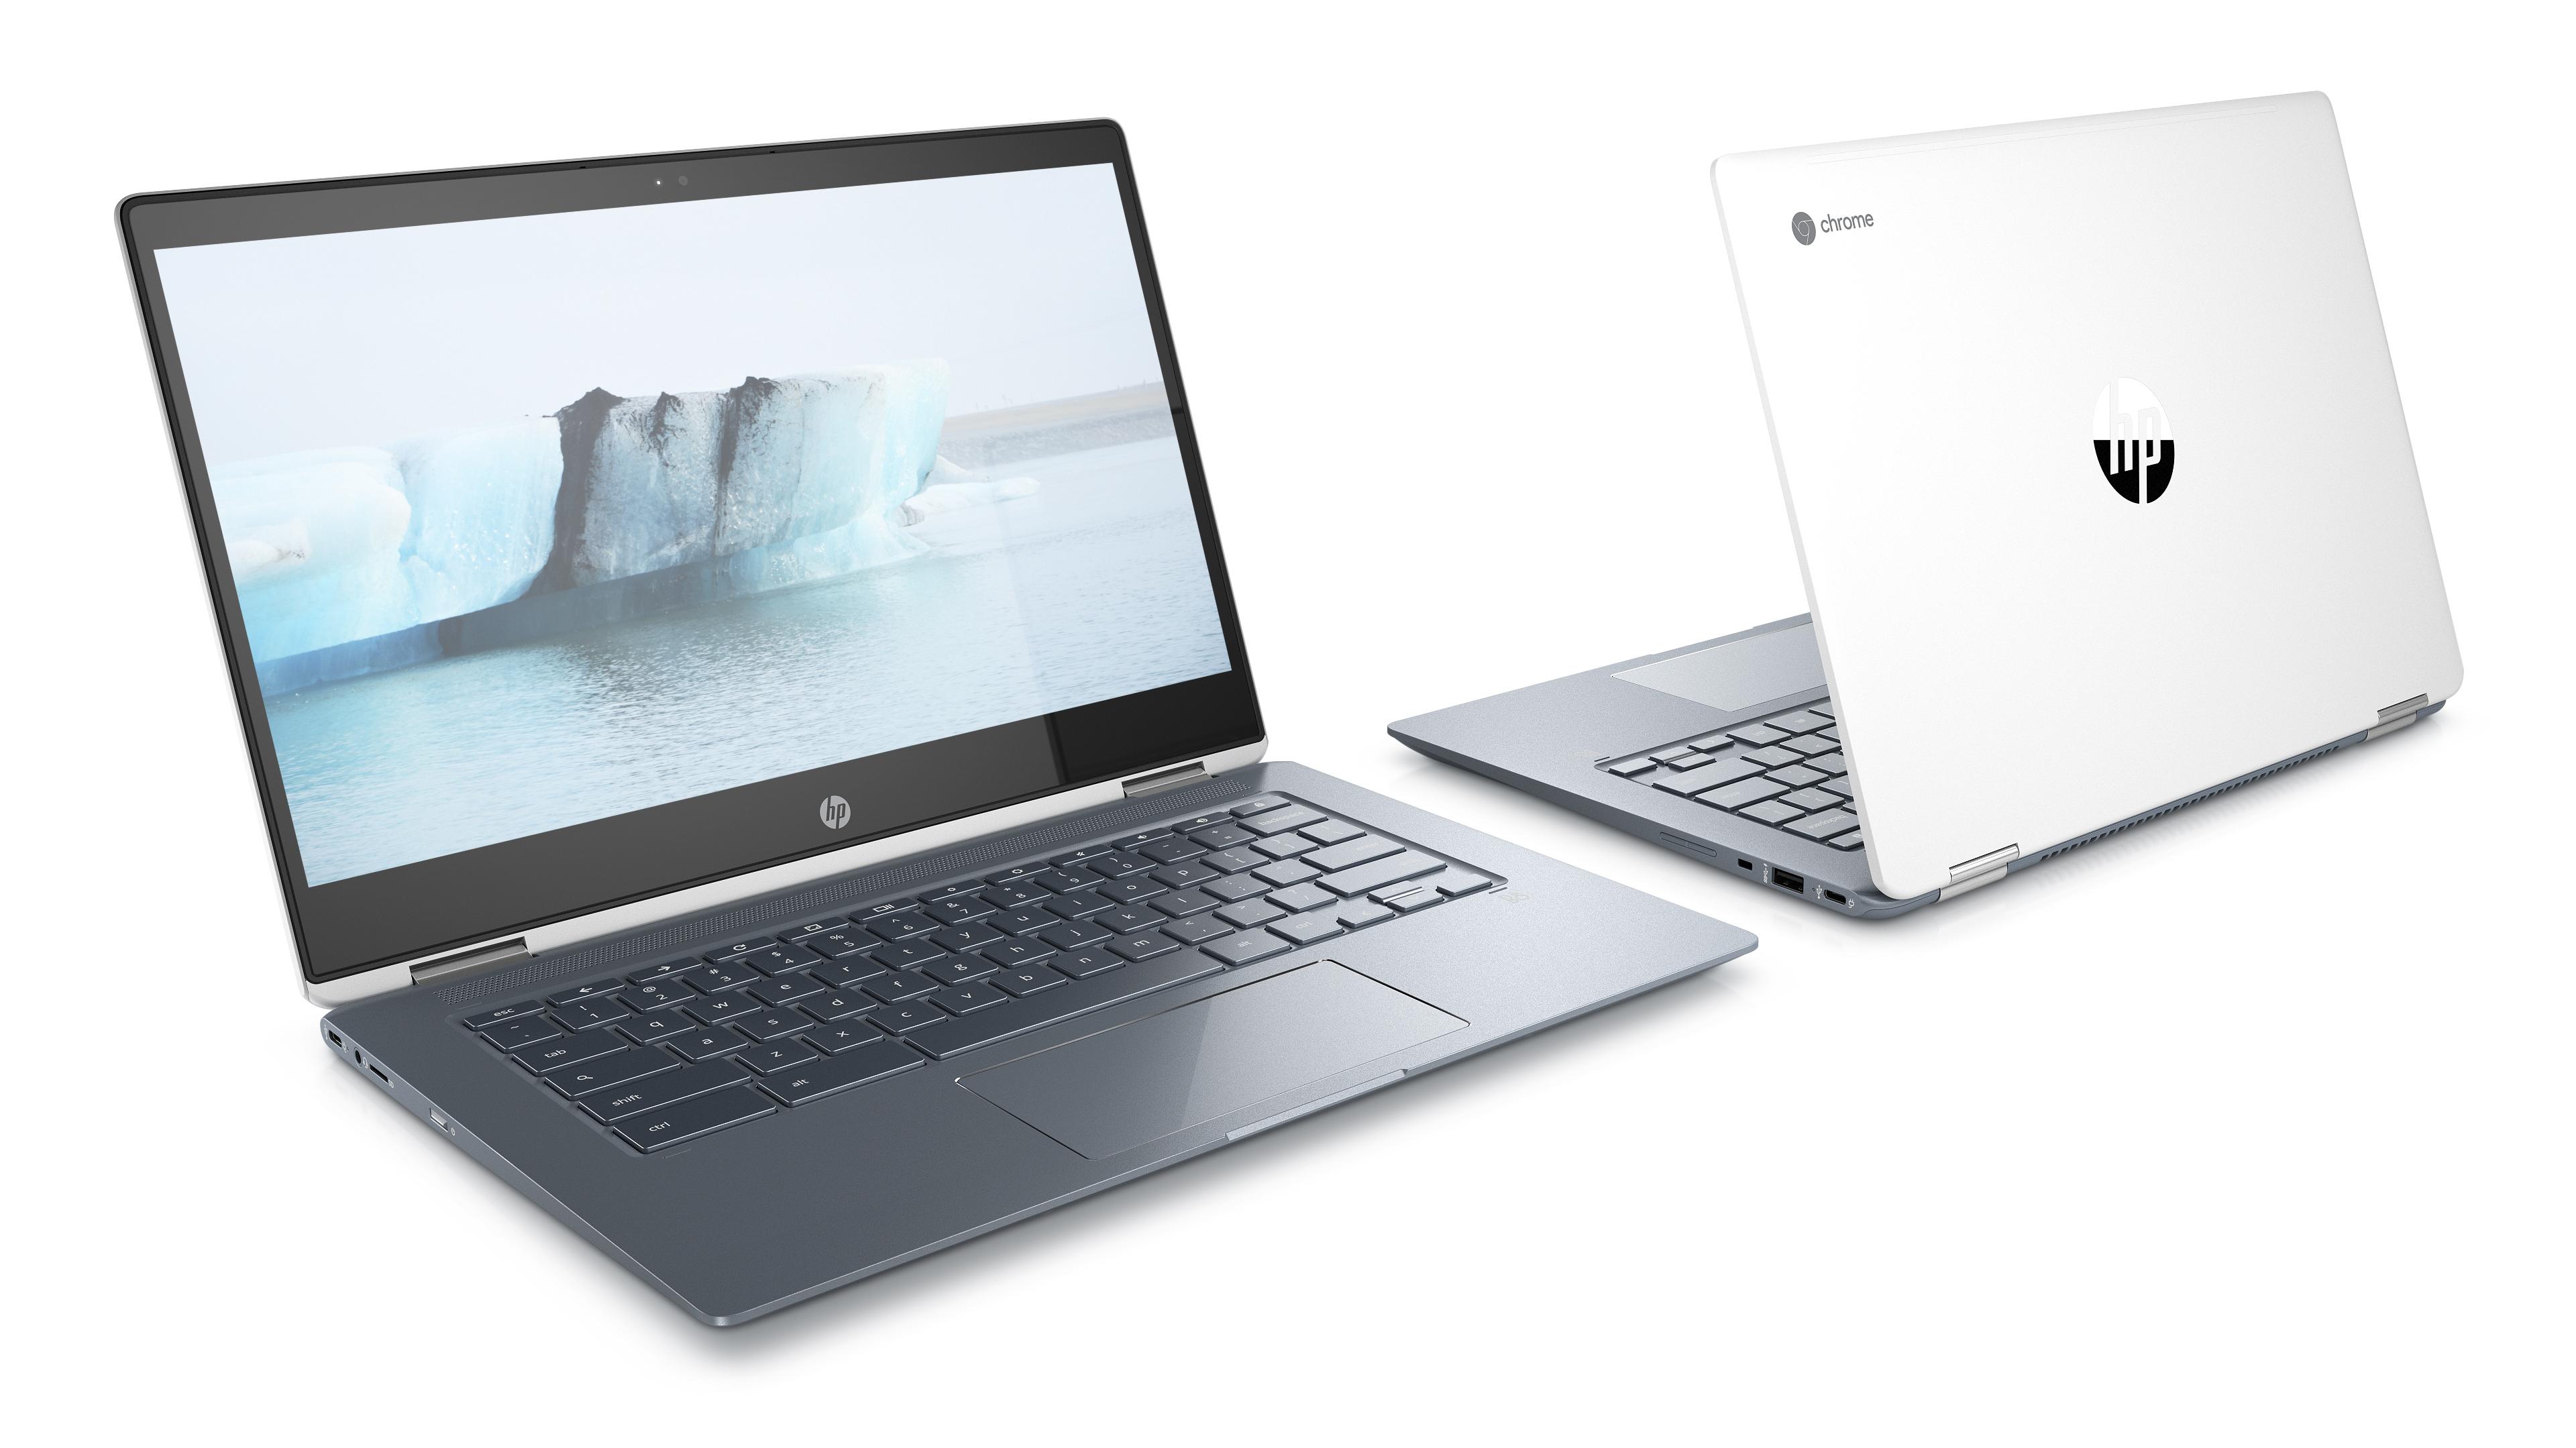 Midweek deals: $150 off HP Chromebook x360, plus savings on